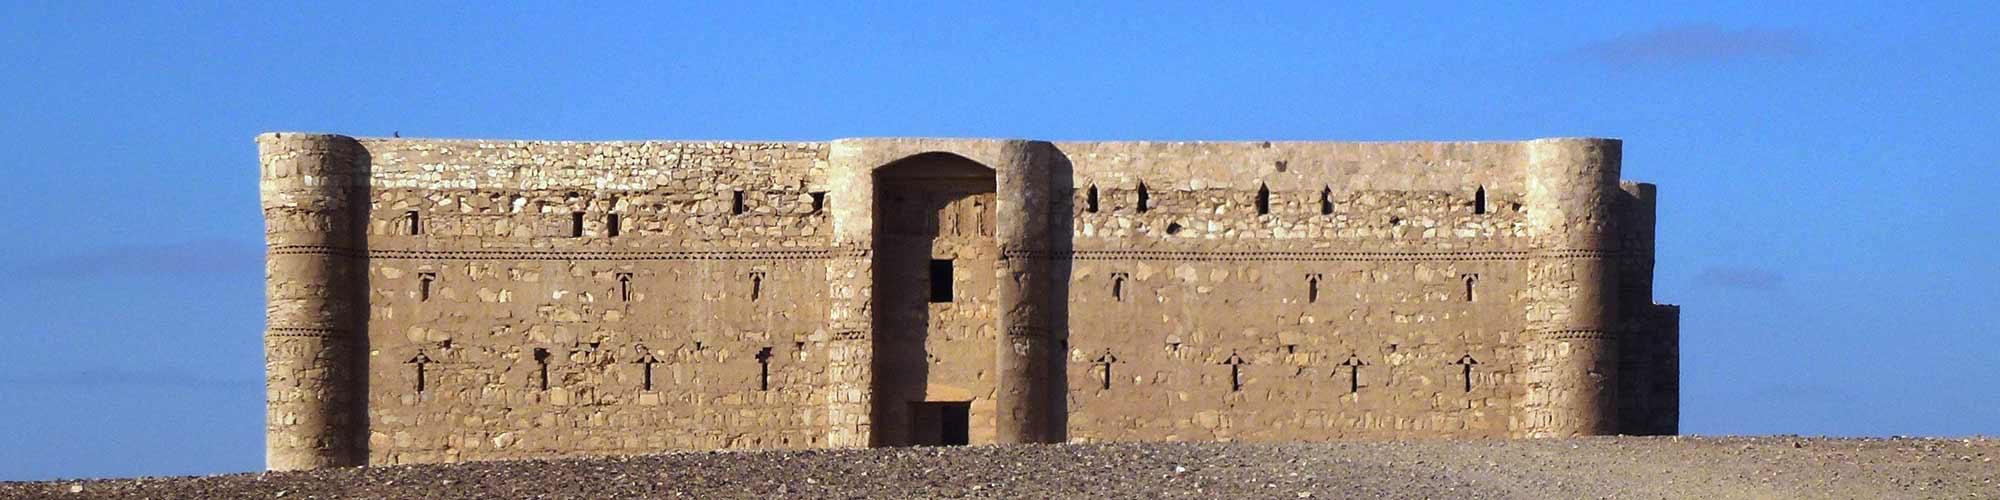 Buscando a Lawrence de Arabia - El País Viajes